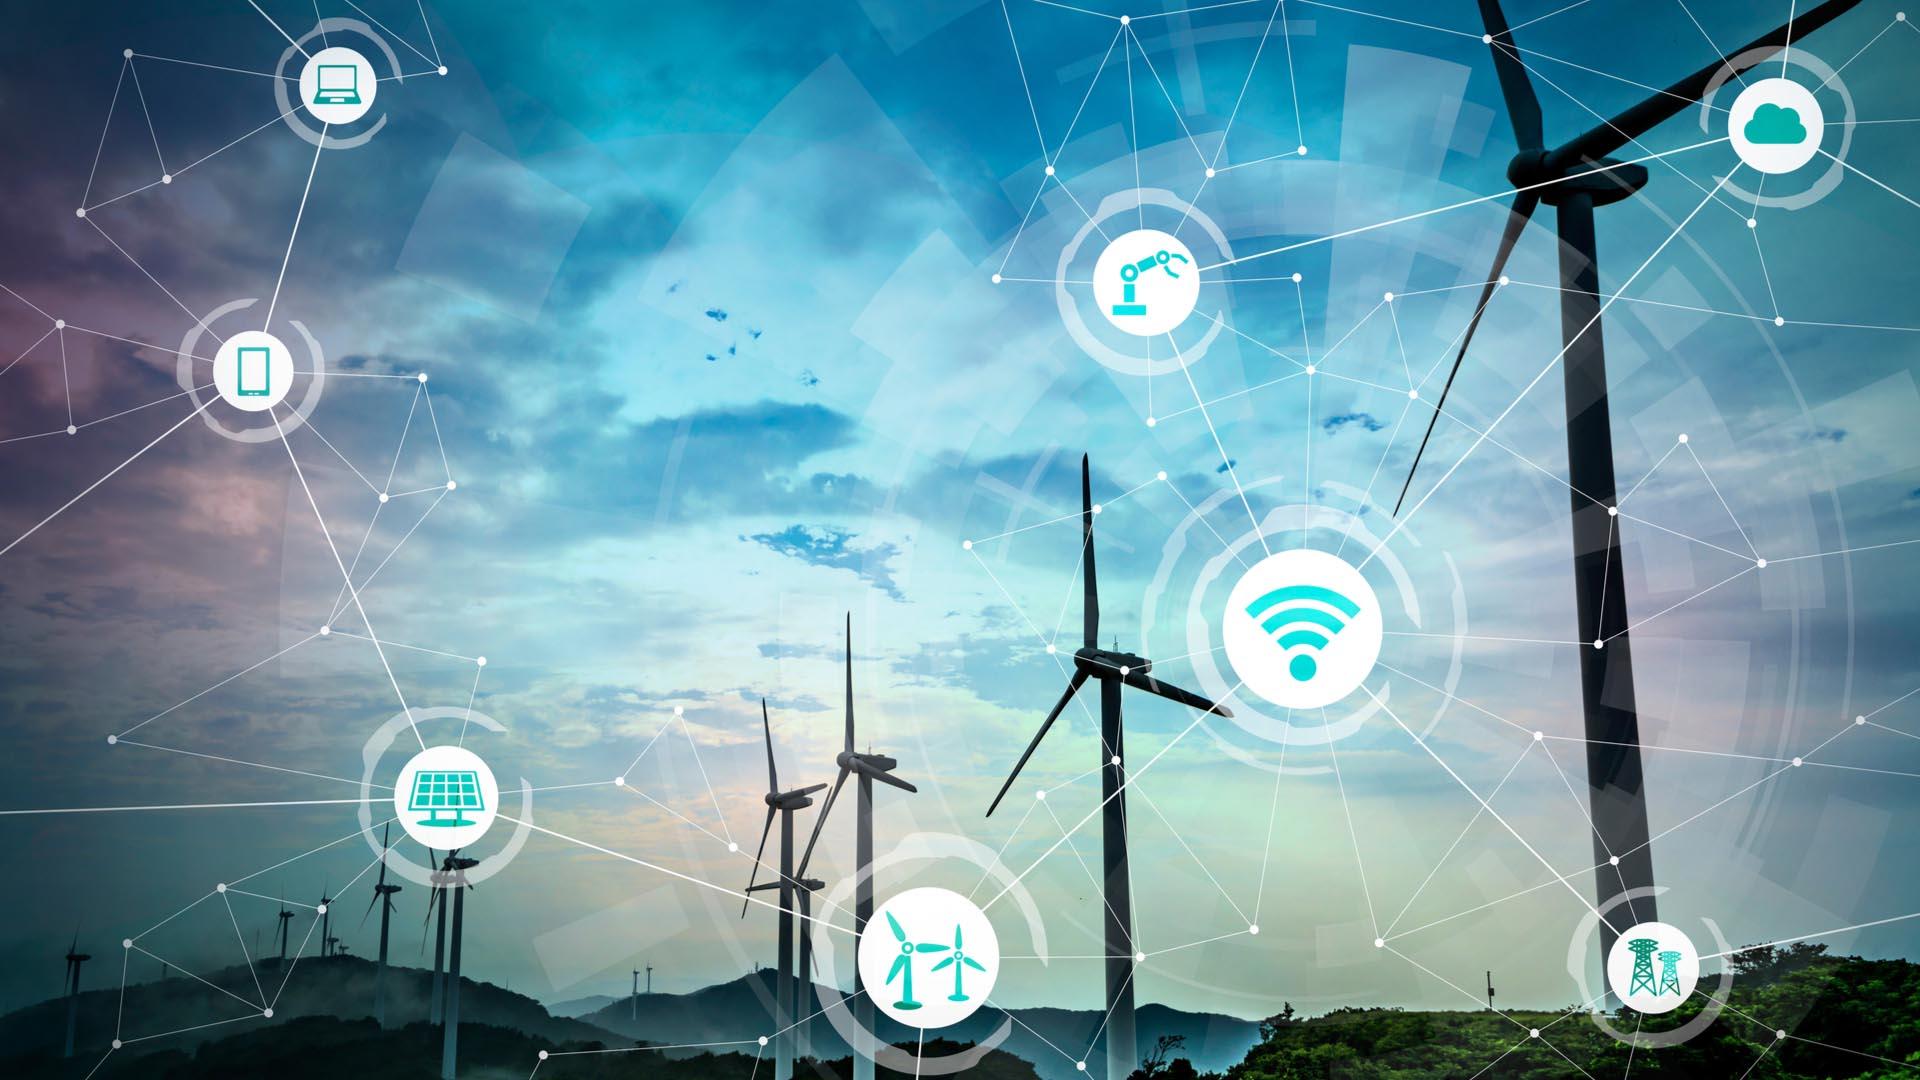 DIGITAL360 lancia EnergyUp.tech, il nuovo portale dedicato all'innovazione nell'energia